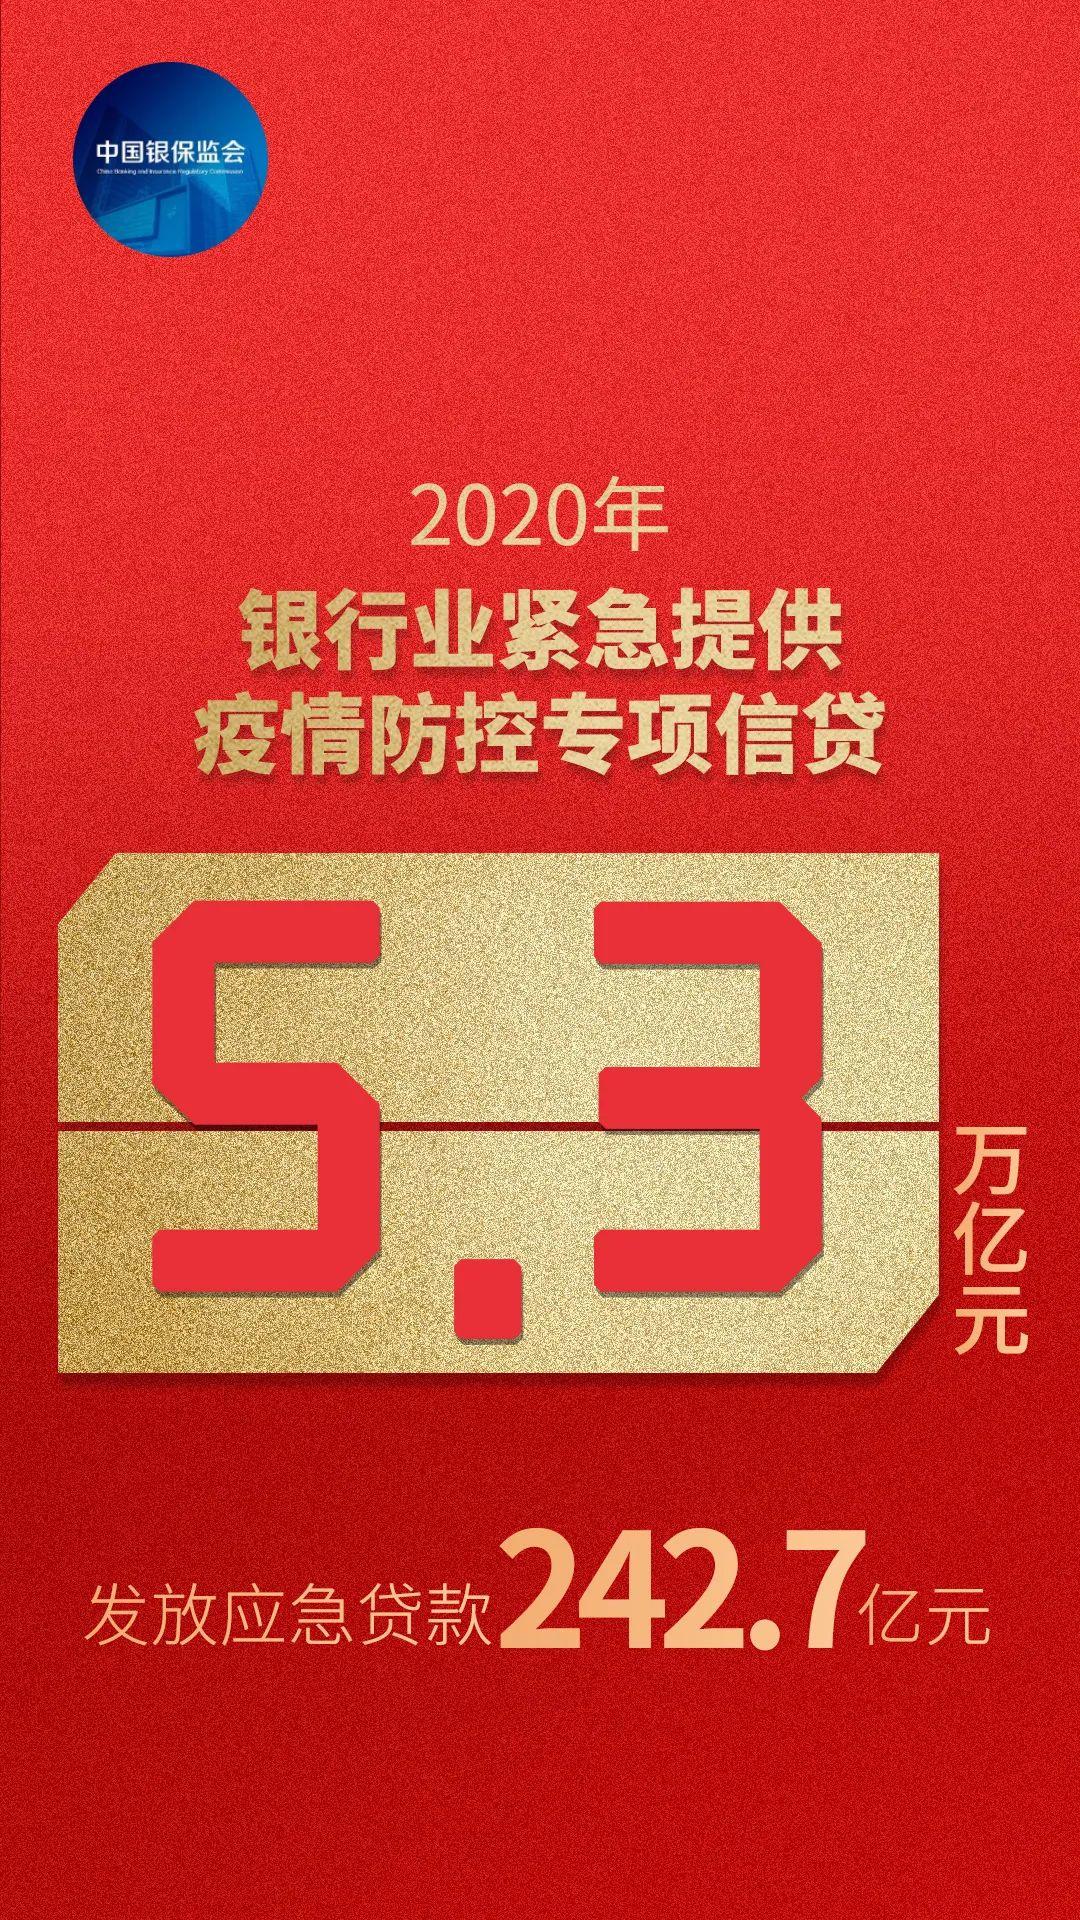 数说2020—助力抗疫,服务经济